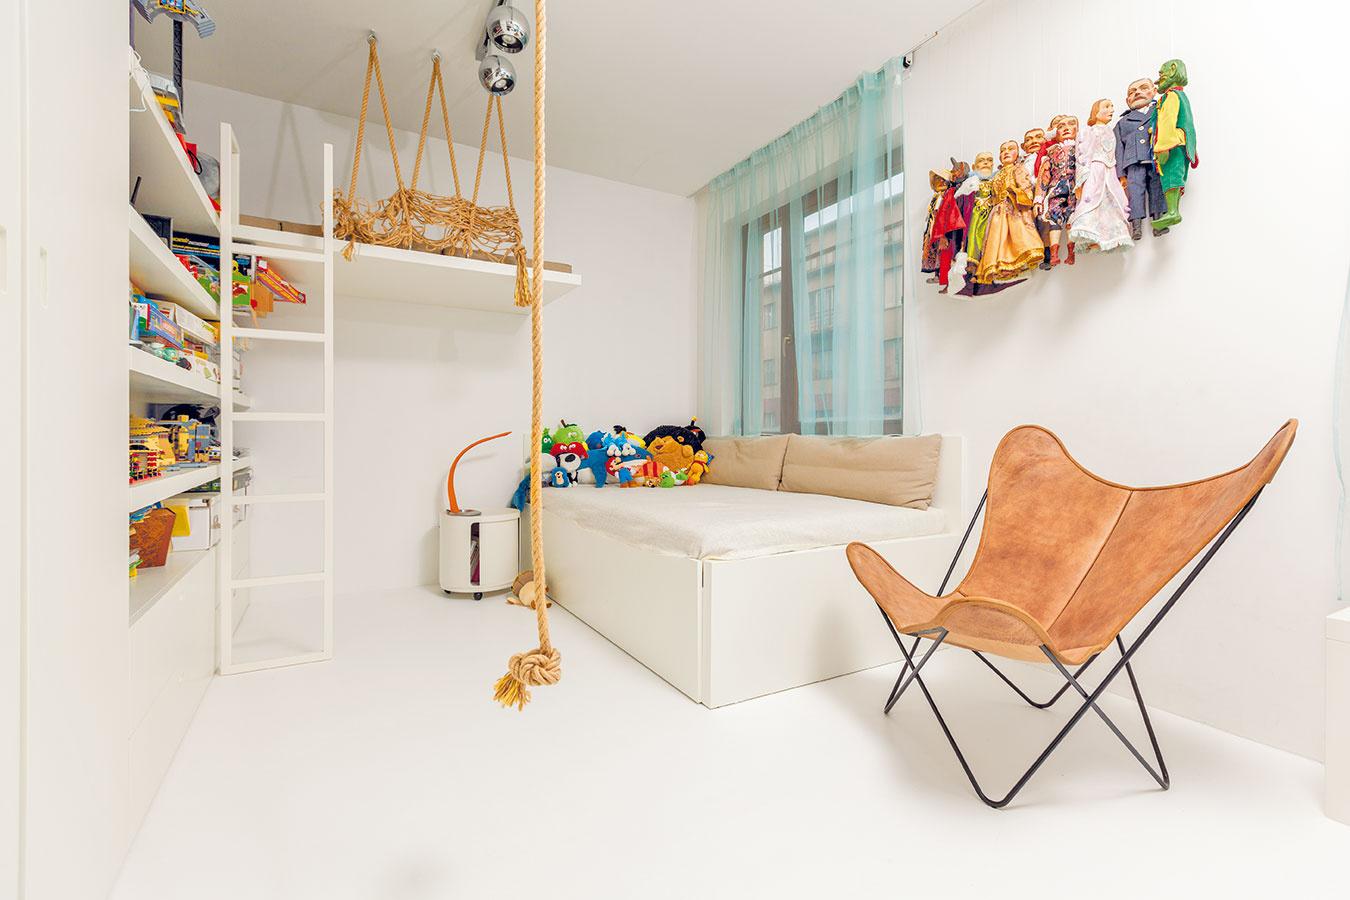 Spanie pre dobrodruhov. Keď sa obyvateľovi detskej izby zachce dobrodružného bivakovania alebo príde na návštevu kamarát, ocení lôžko zavesené pod stropom.